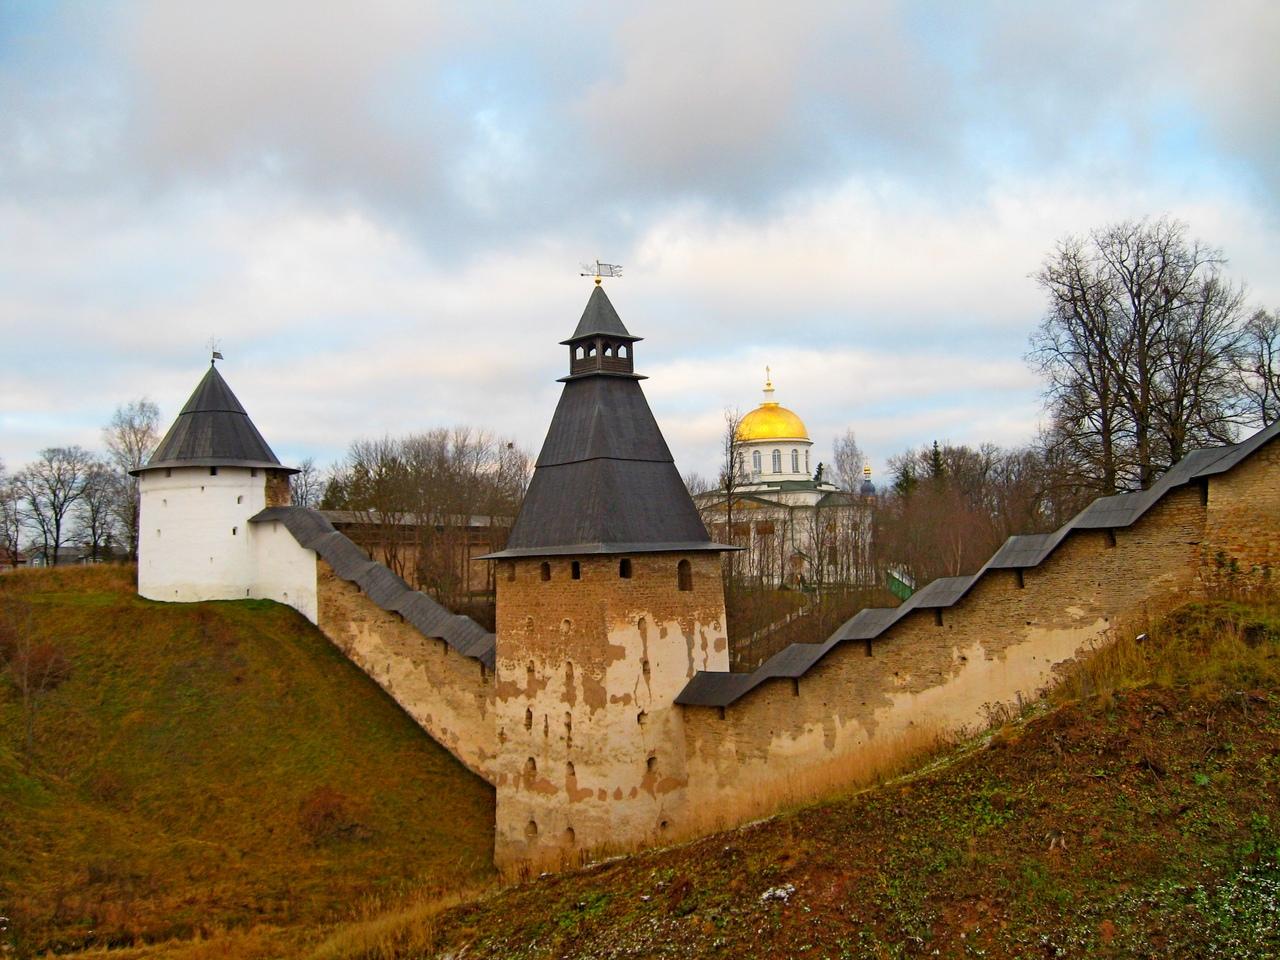 Псково-Печорский монастырь. Подземная прогулка. И осмотр могучих стен древнерусской крепости